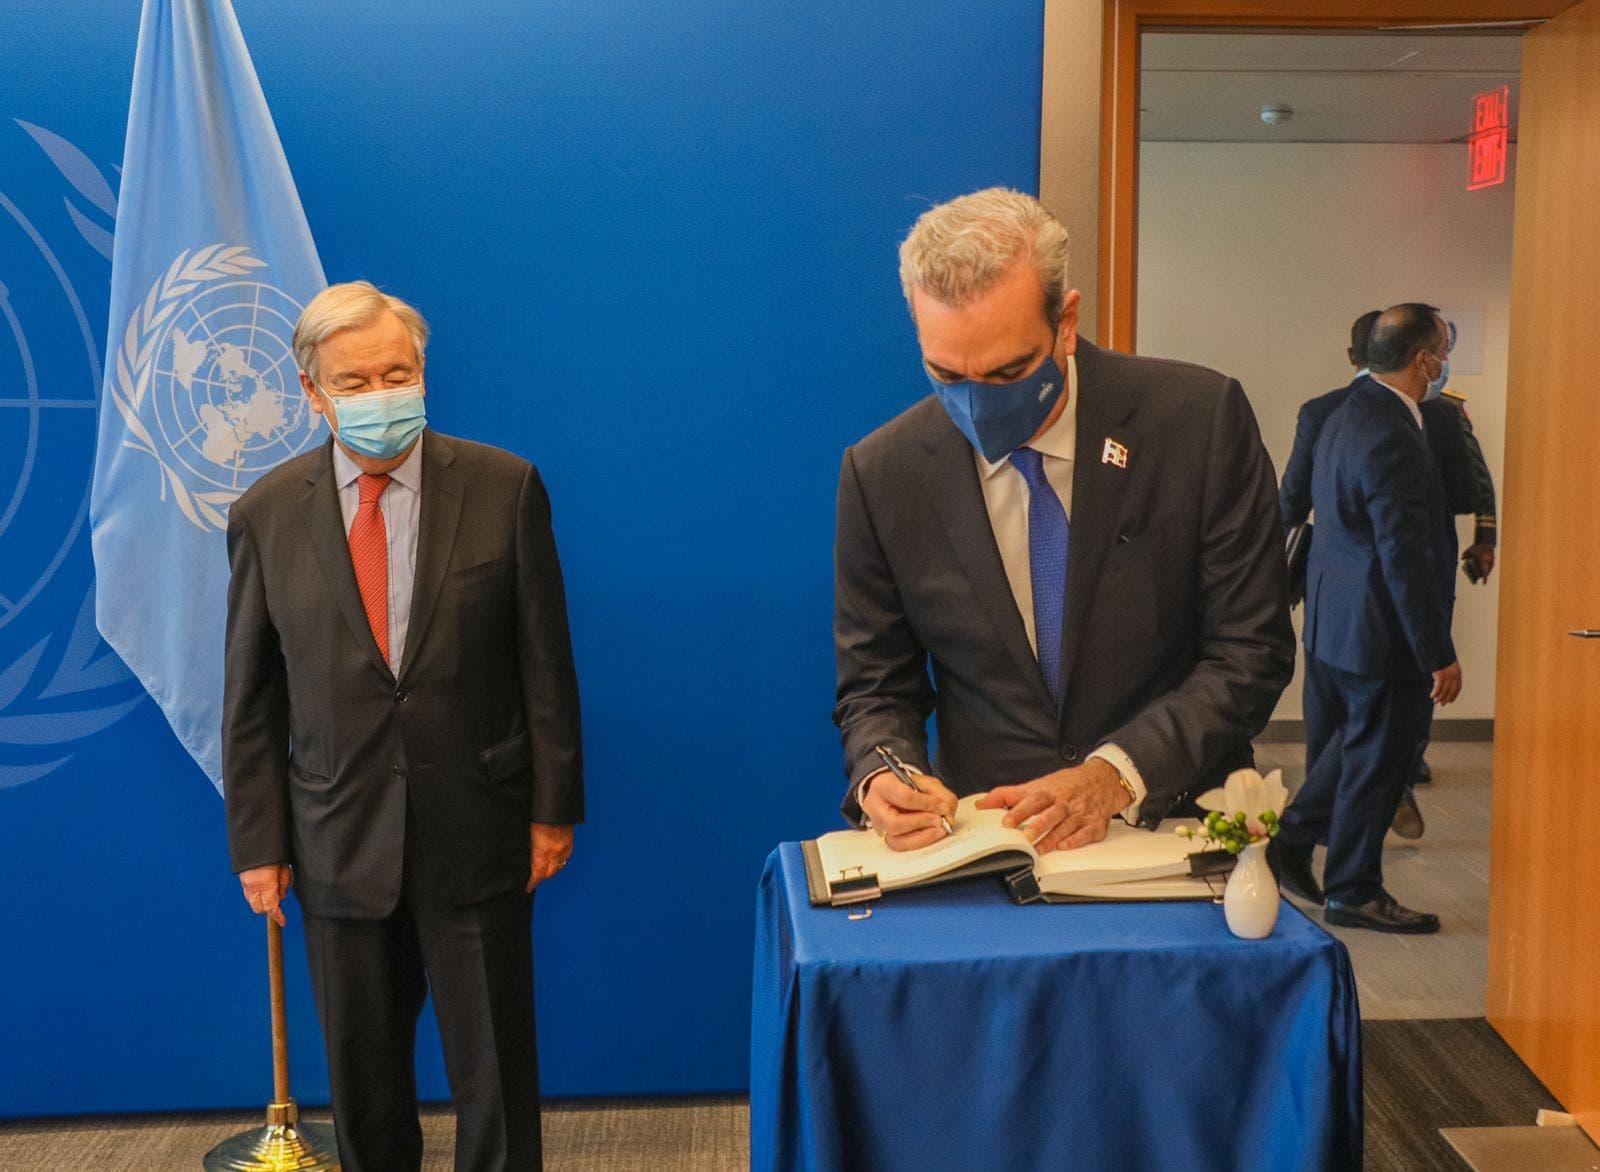 Presidente Abinader regresará esta tarde al país tras concluir amplia agenda en Nueva York